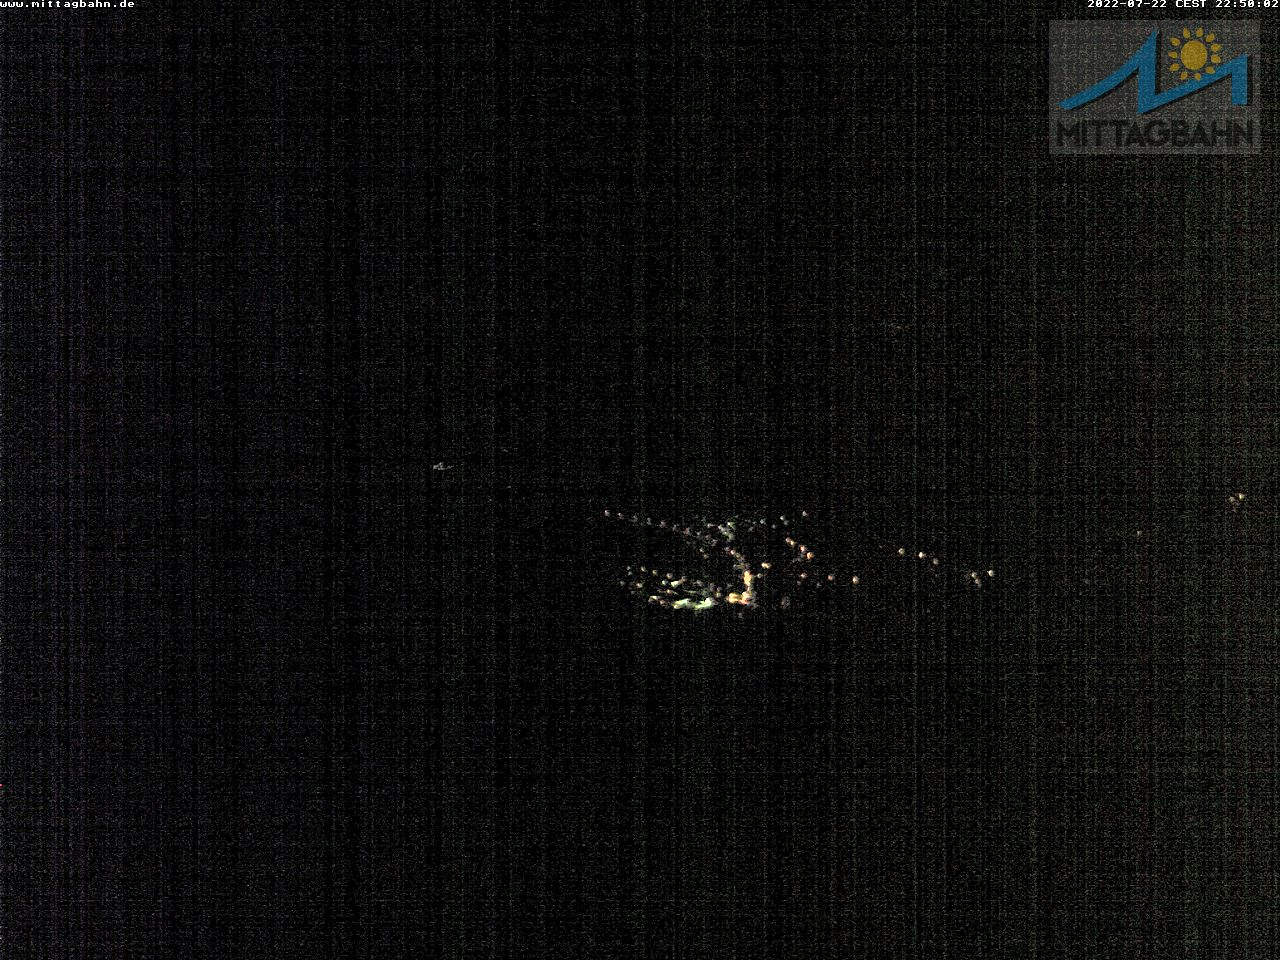 Webcam Skigebiet Immenstadt - Mittag cam 7 - Allg�u